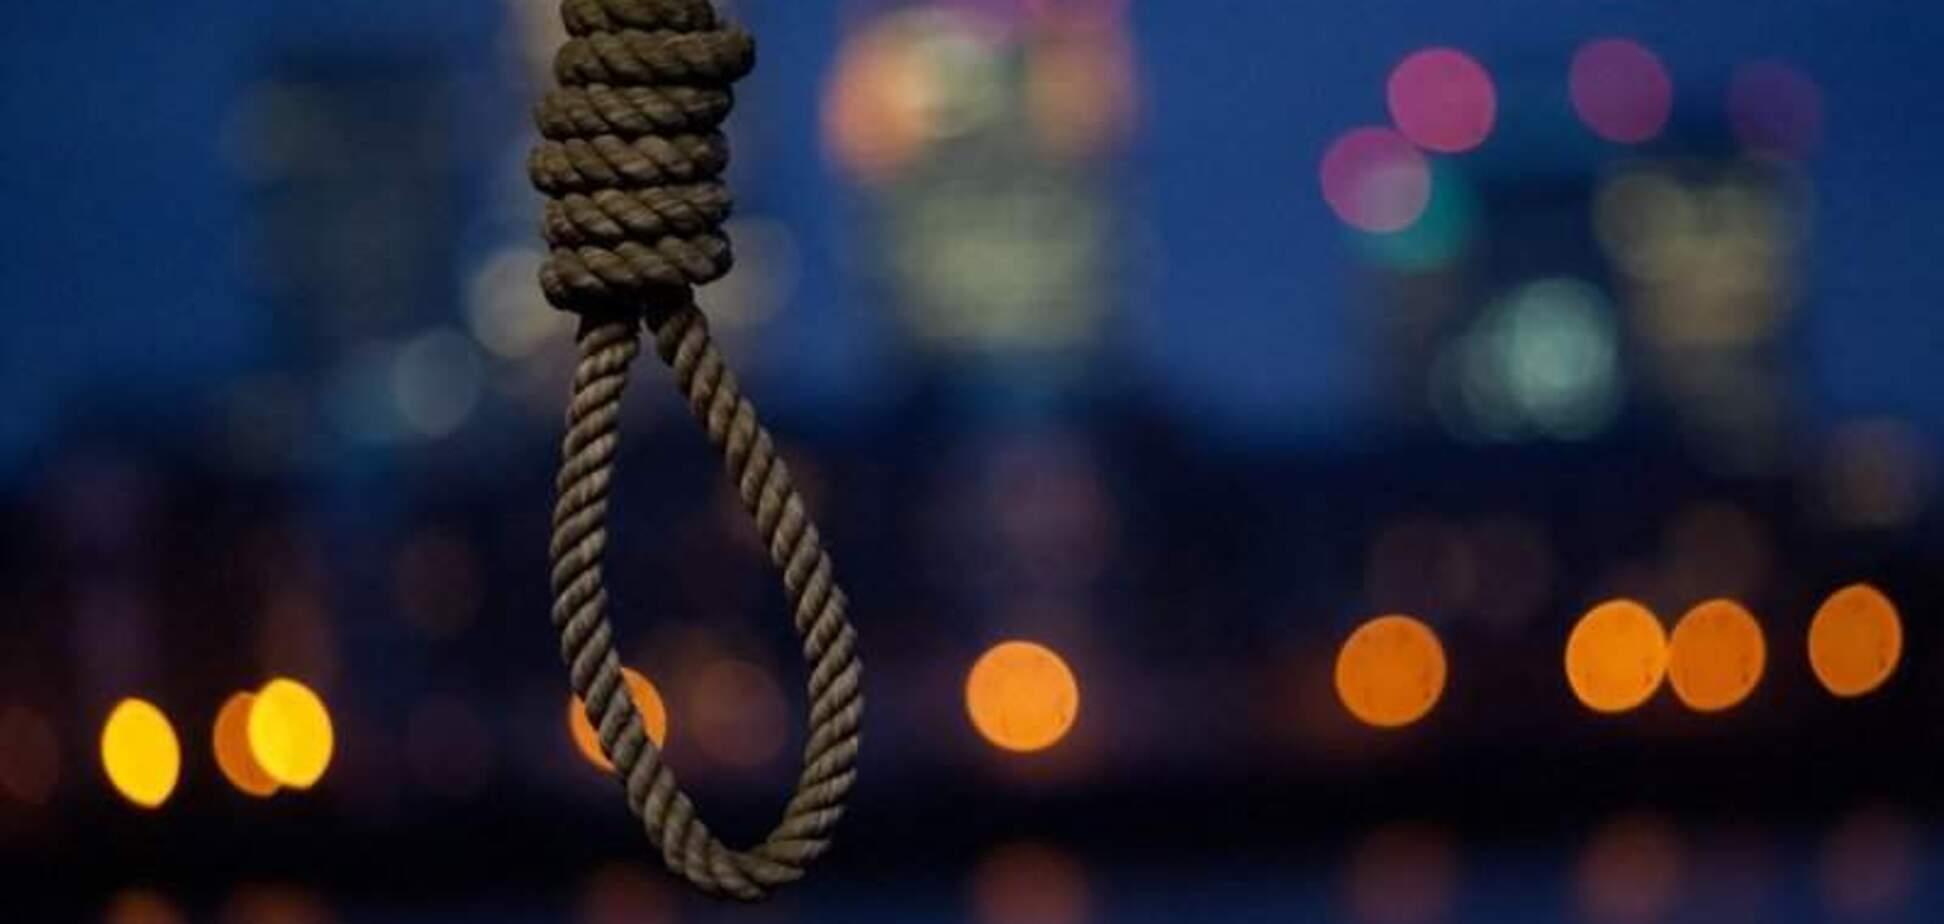 В Днепре школьник публично покончил с собой. Фото 18+